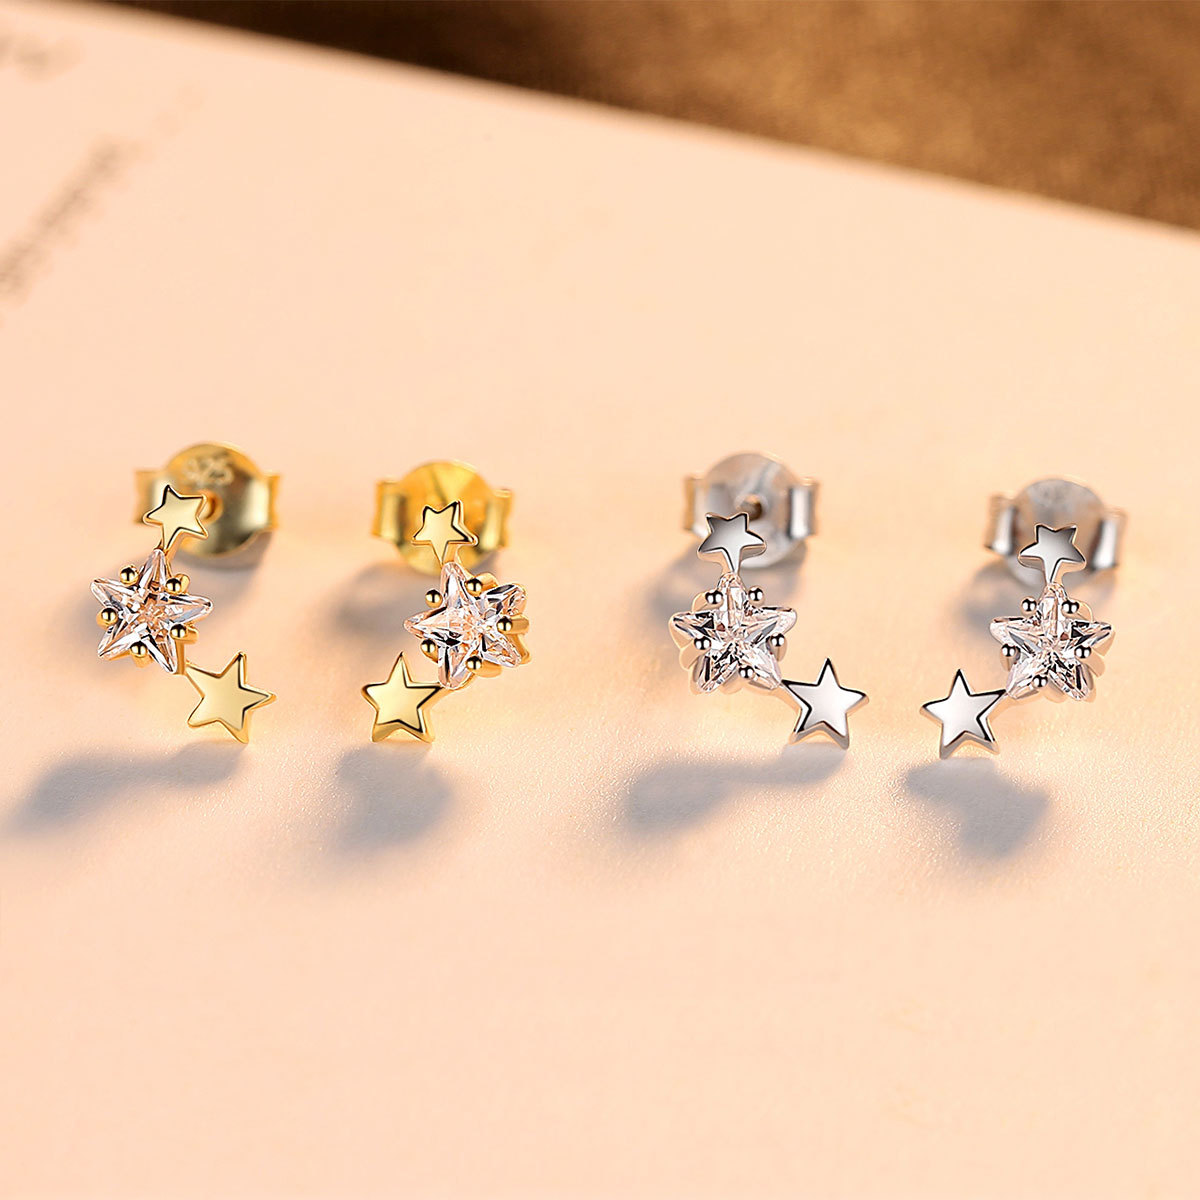 PAG & MAG nouveau 925 boucles d'oreilles en argent Sterling étoile Zircon boucles d'oreilles femme mode simple petit pentagramme femme bijoux - 3